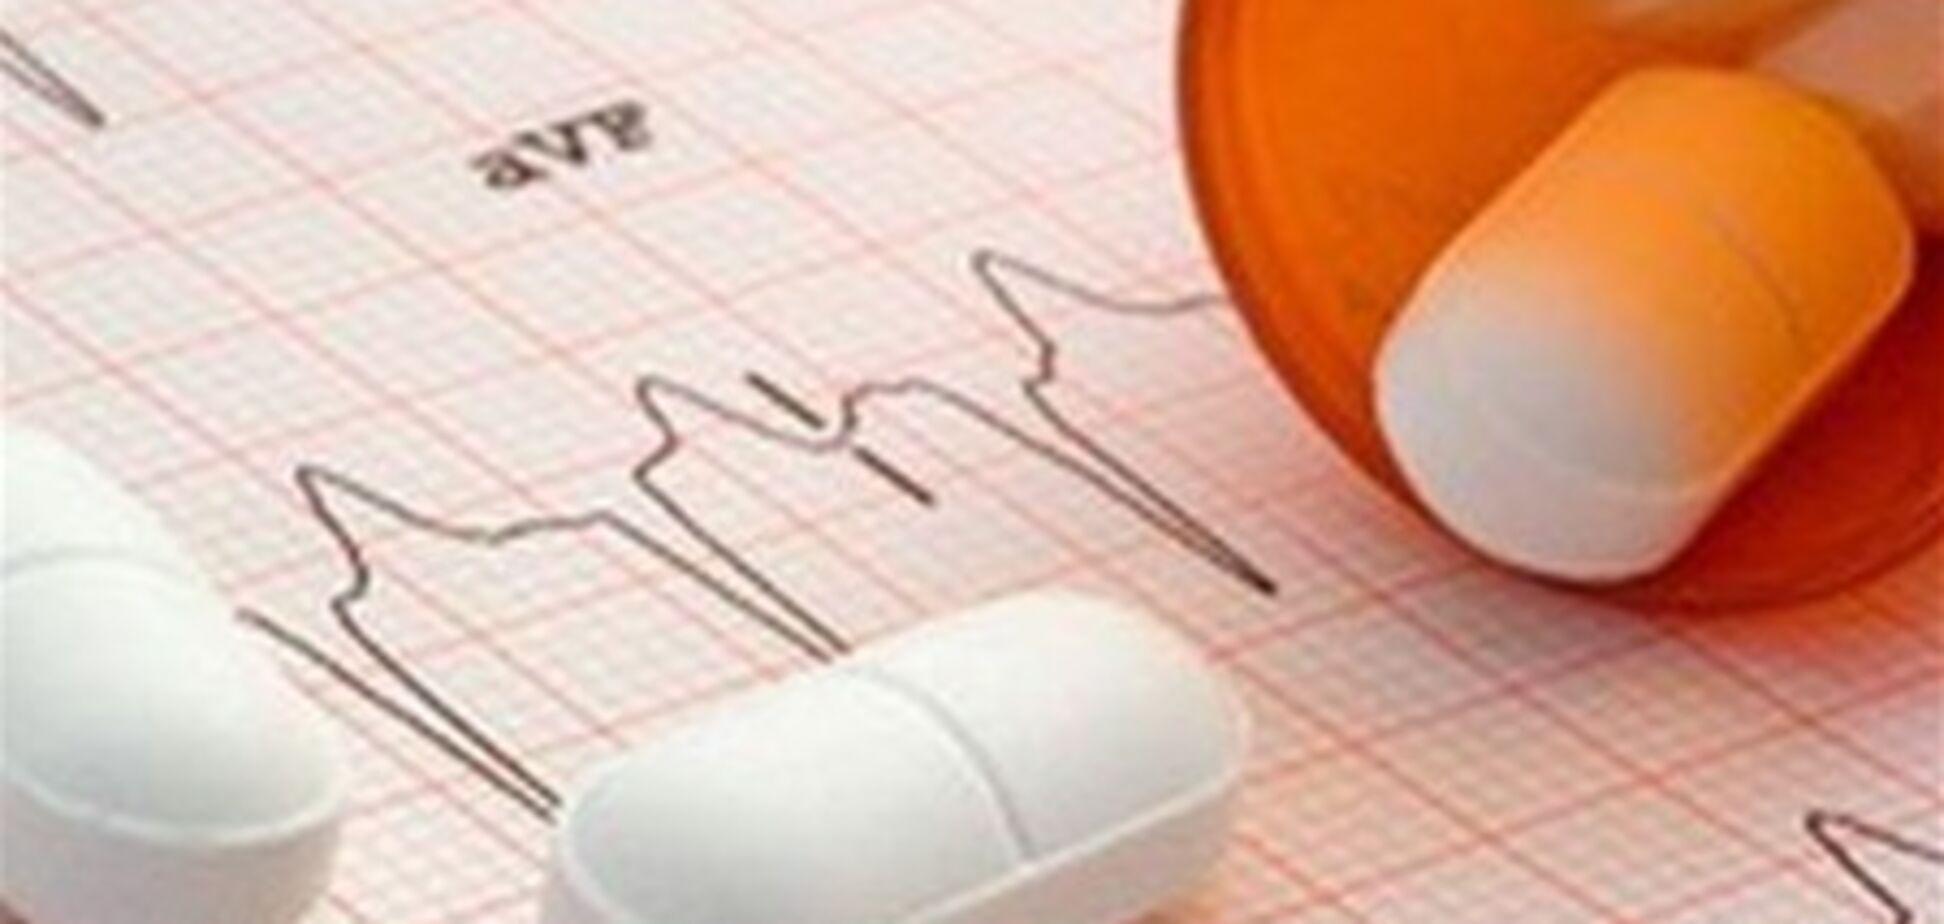 Итальянец 30 лет работал кардиологом без медобразования